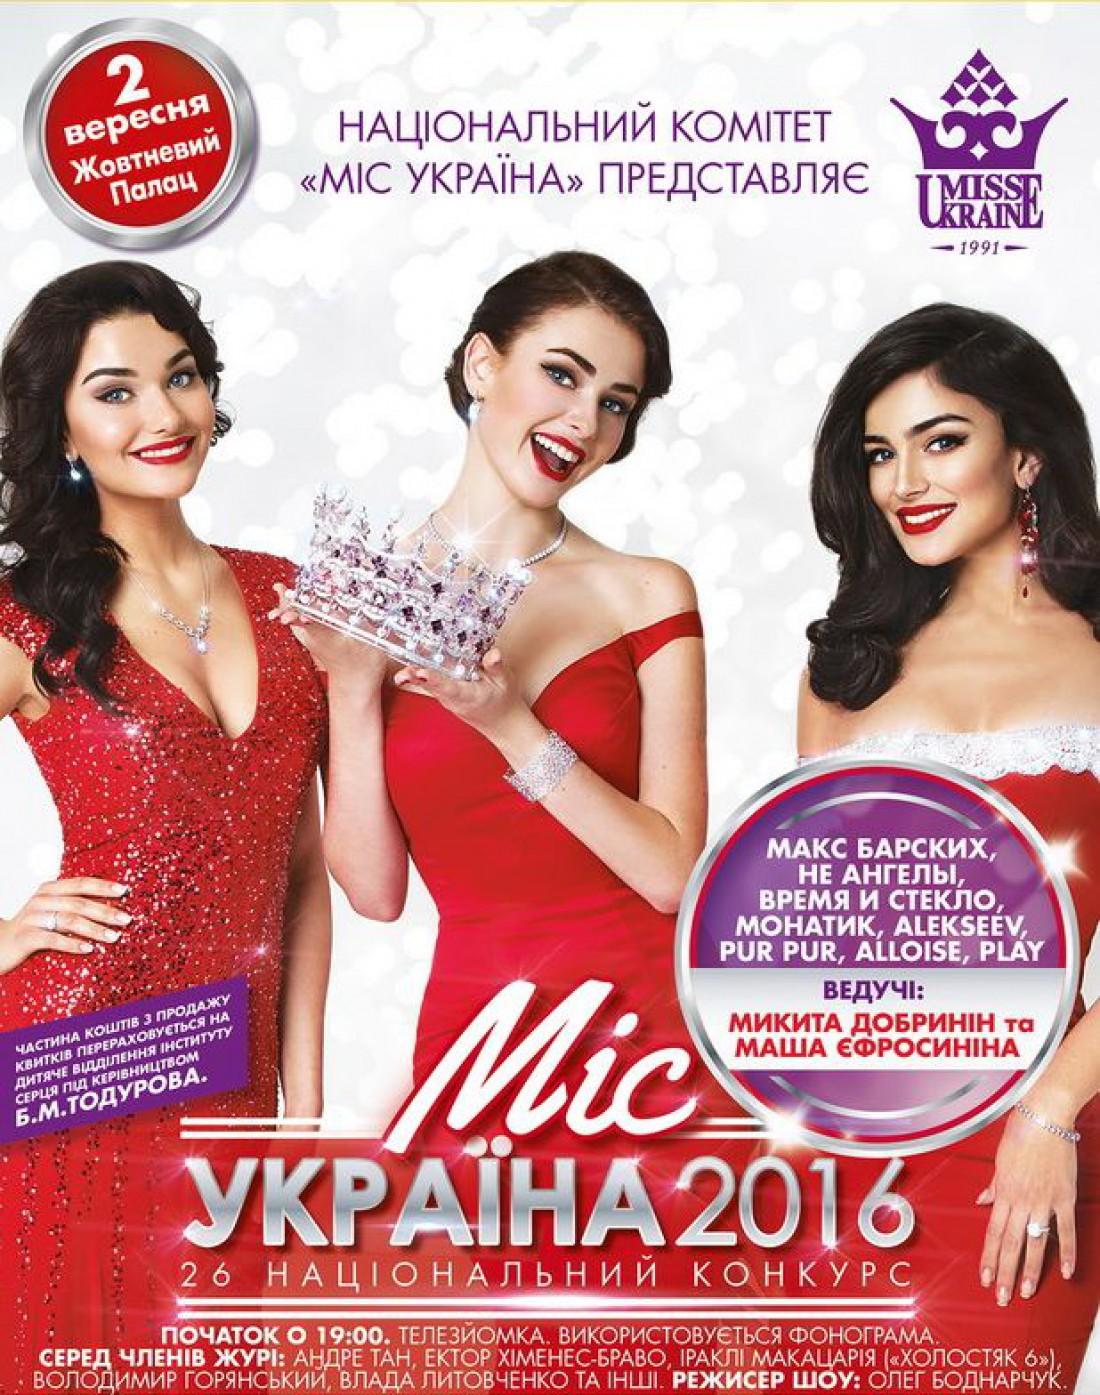 Конкурс красоты Мисс Украина 2016 пройдет 2 сентября